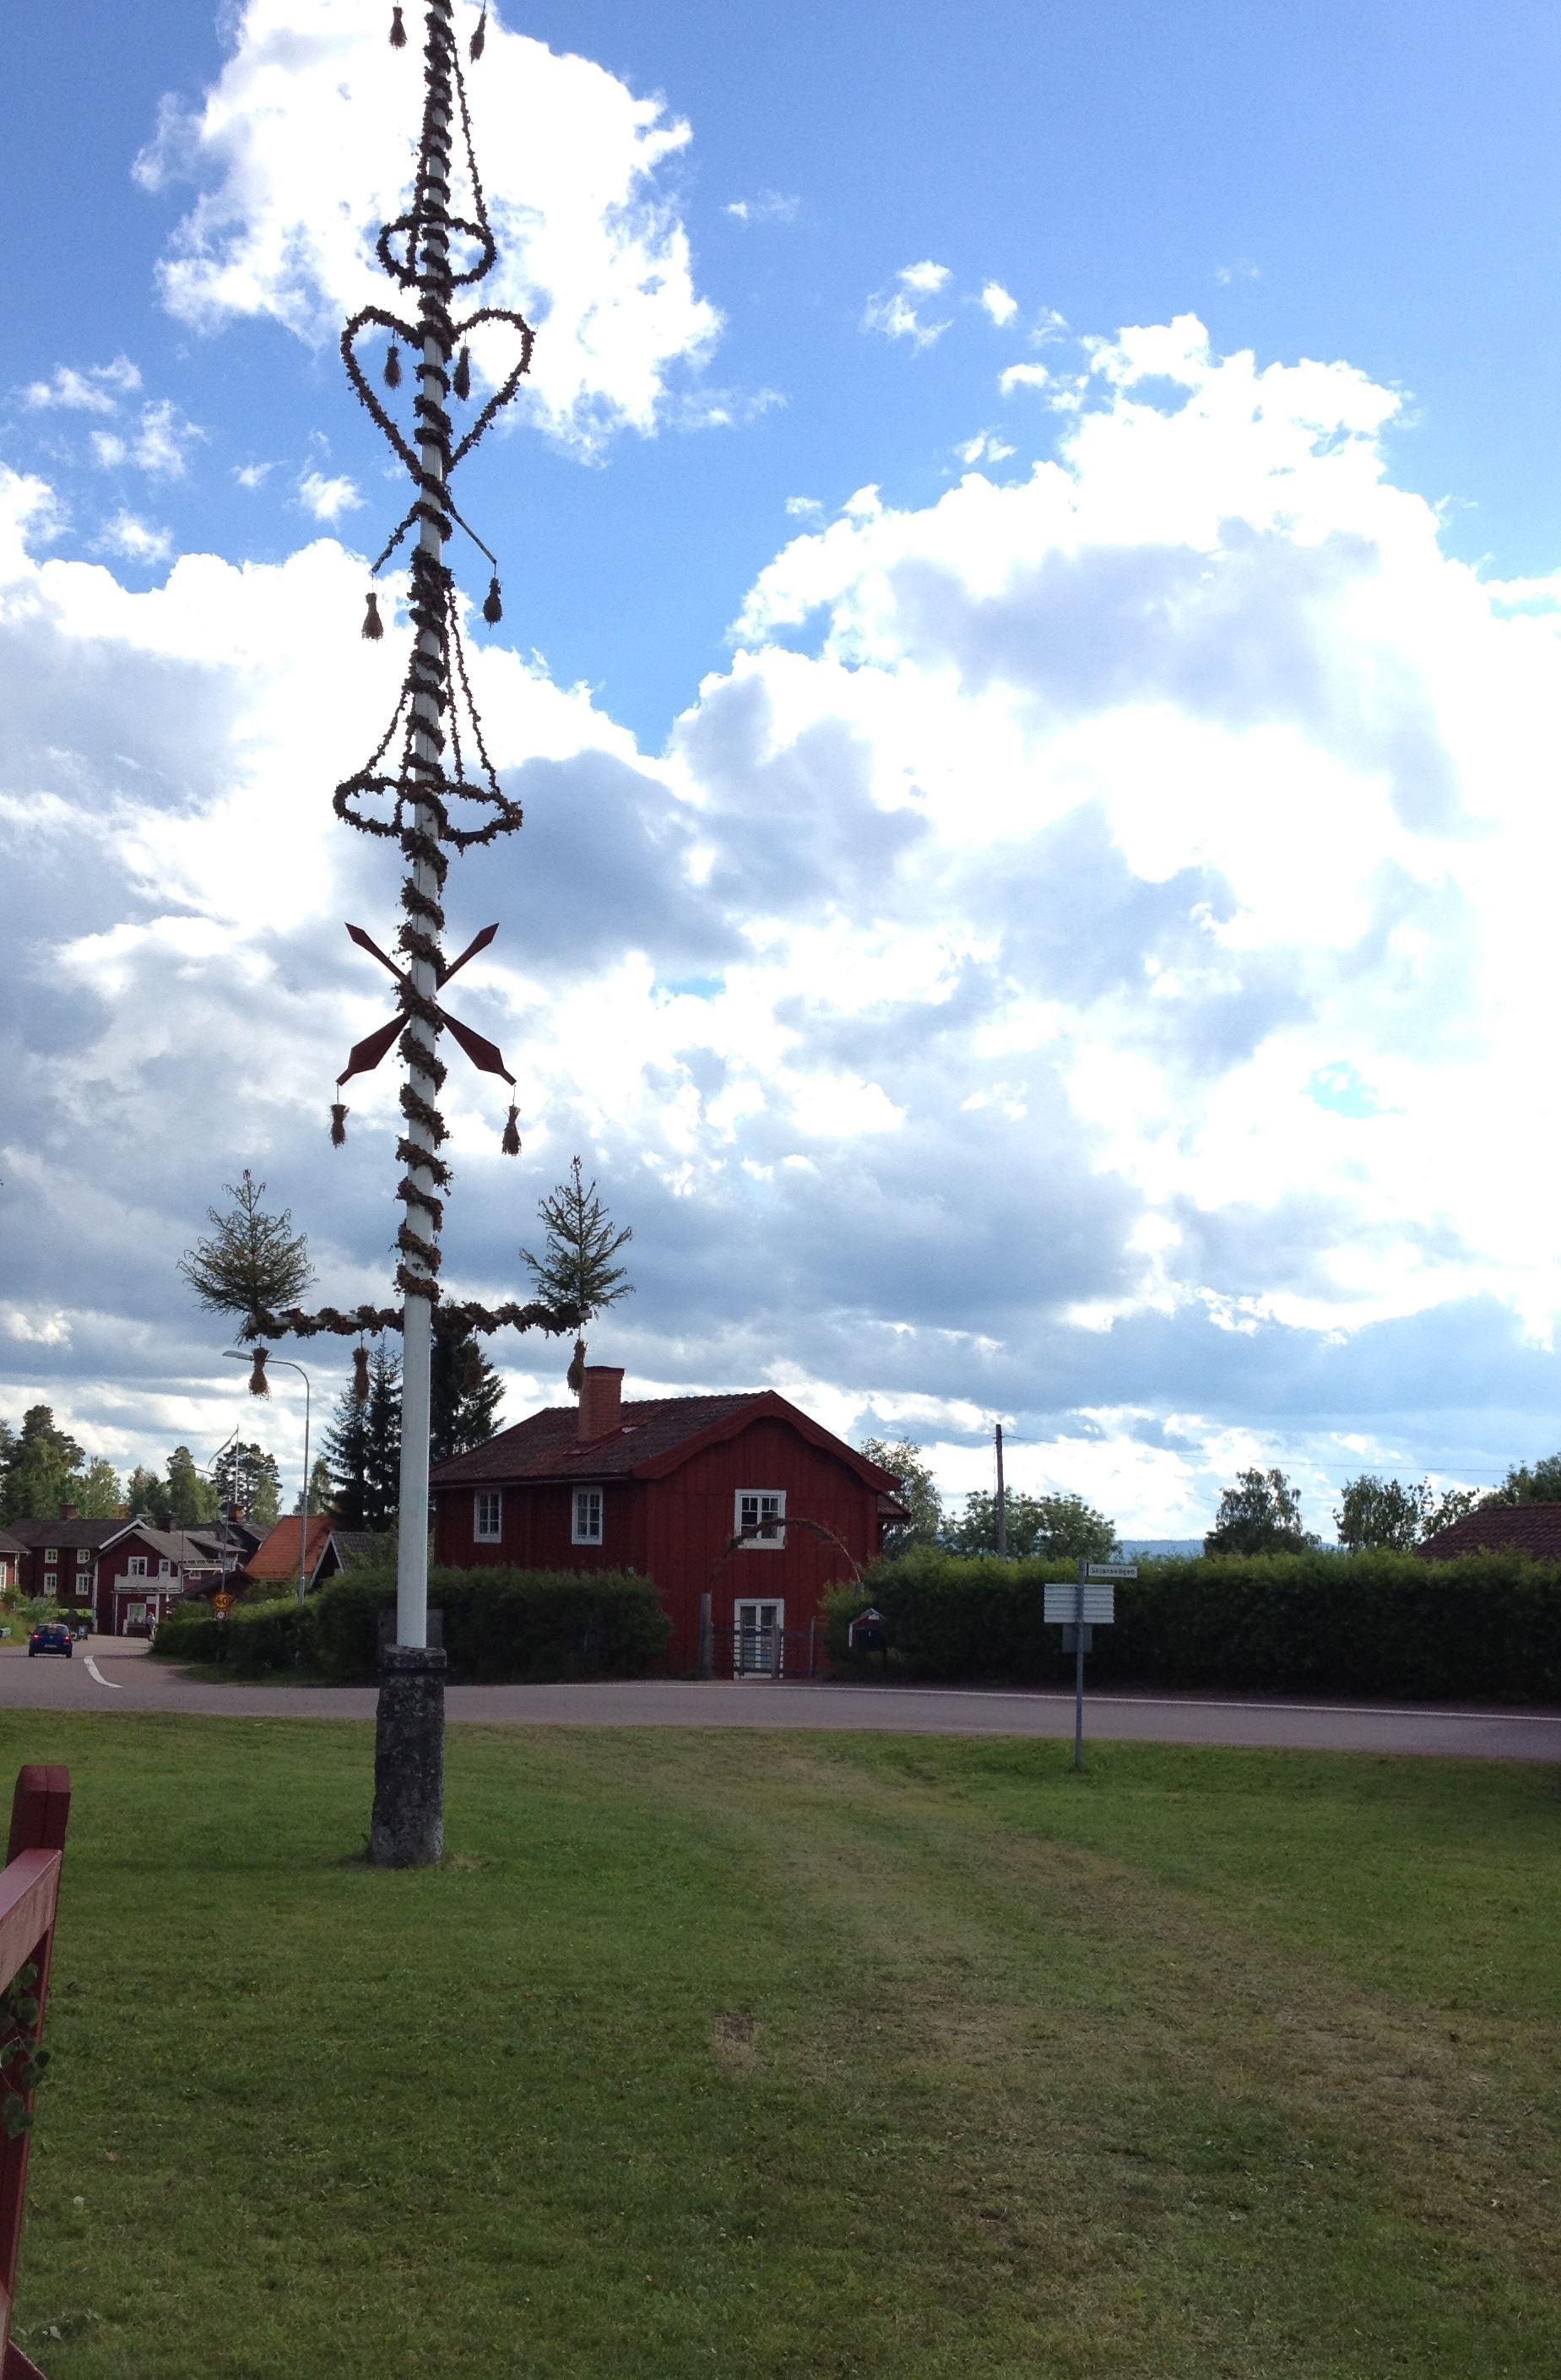 Midsummer Eve in Tällberg